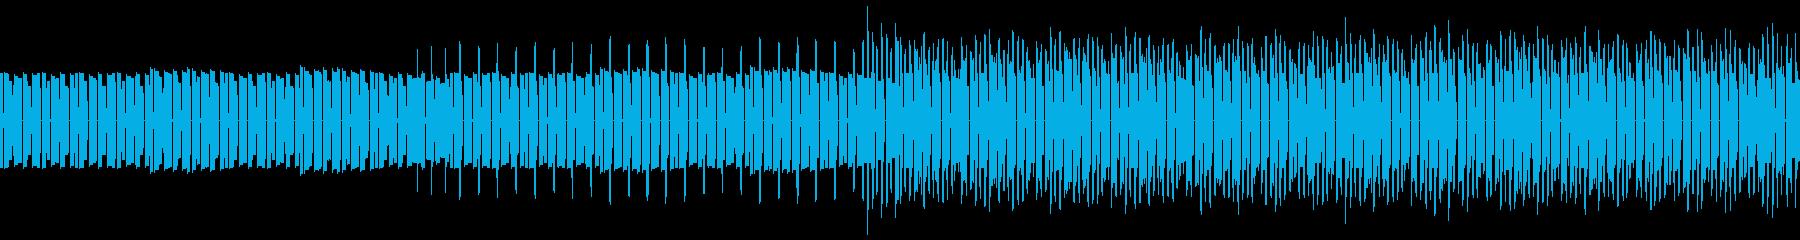 ロックンロールな曲をファミコン音源にての再生済みの波形